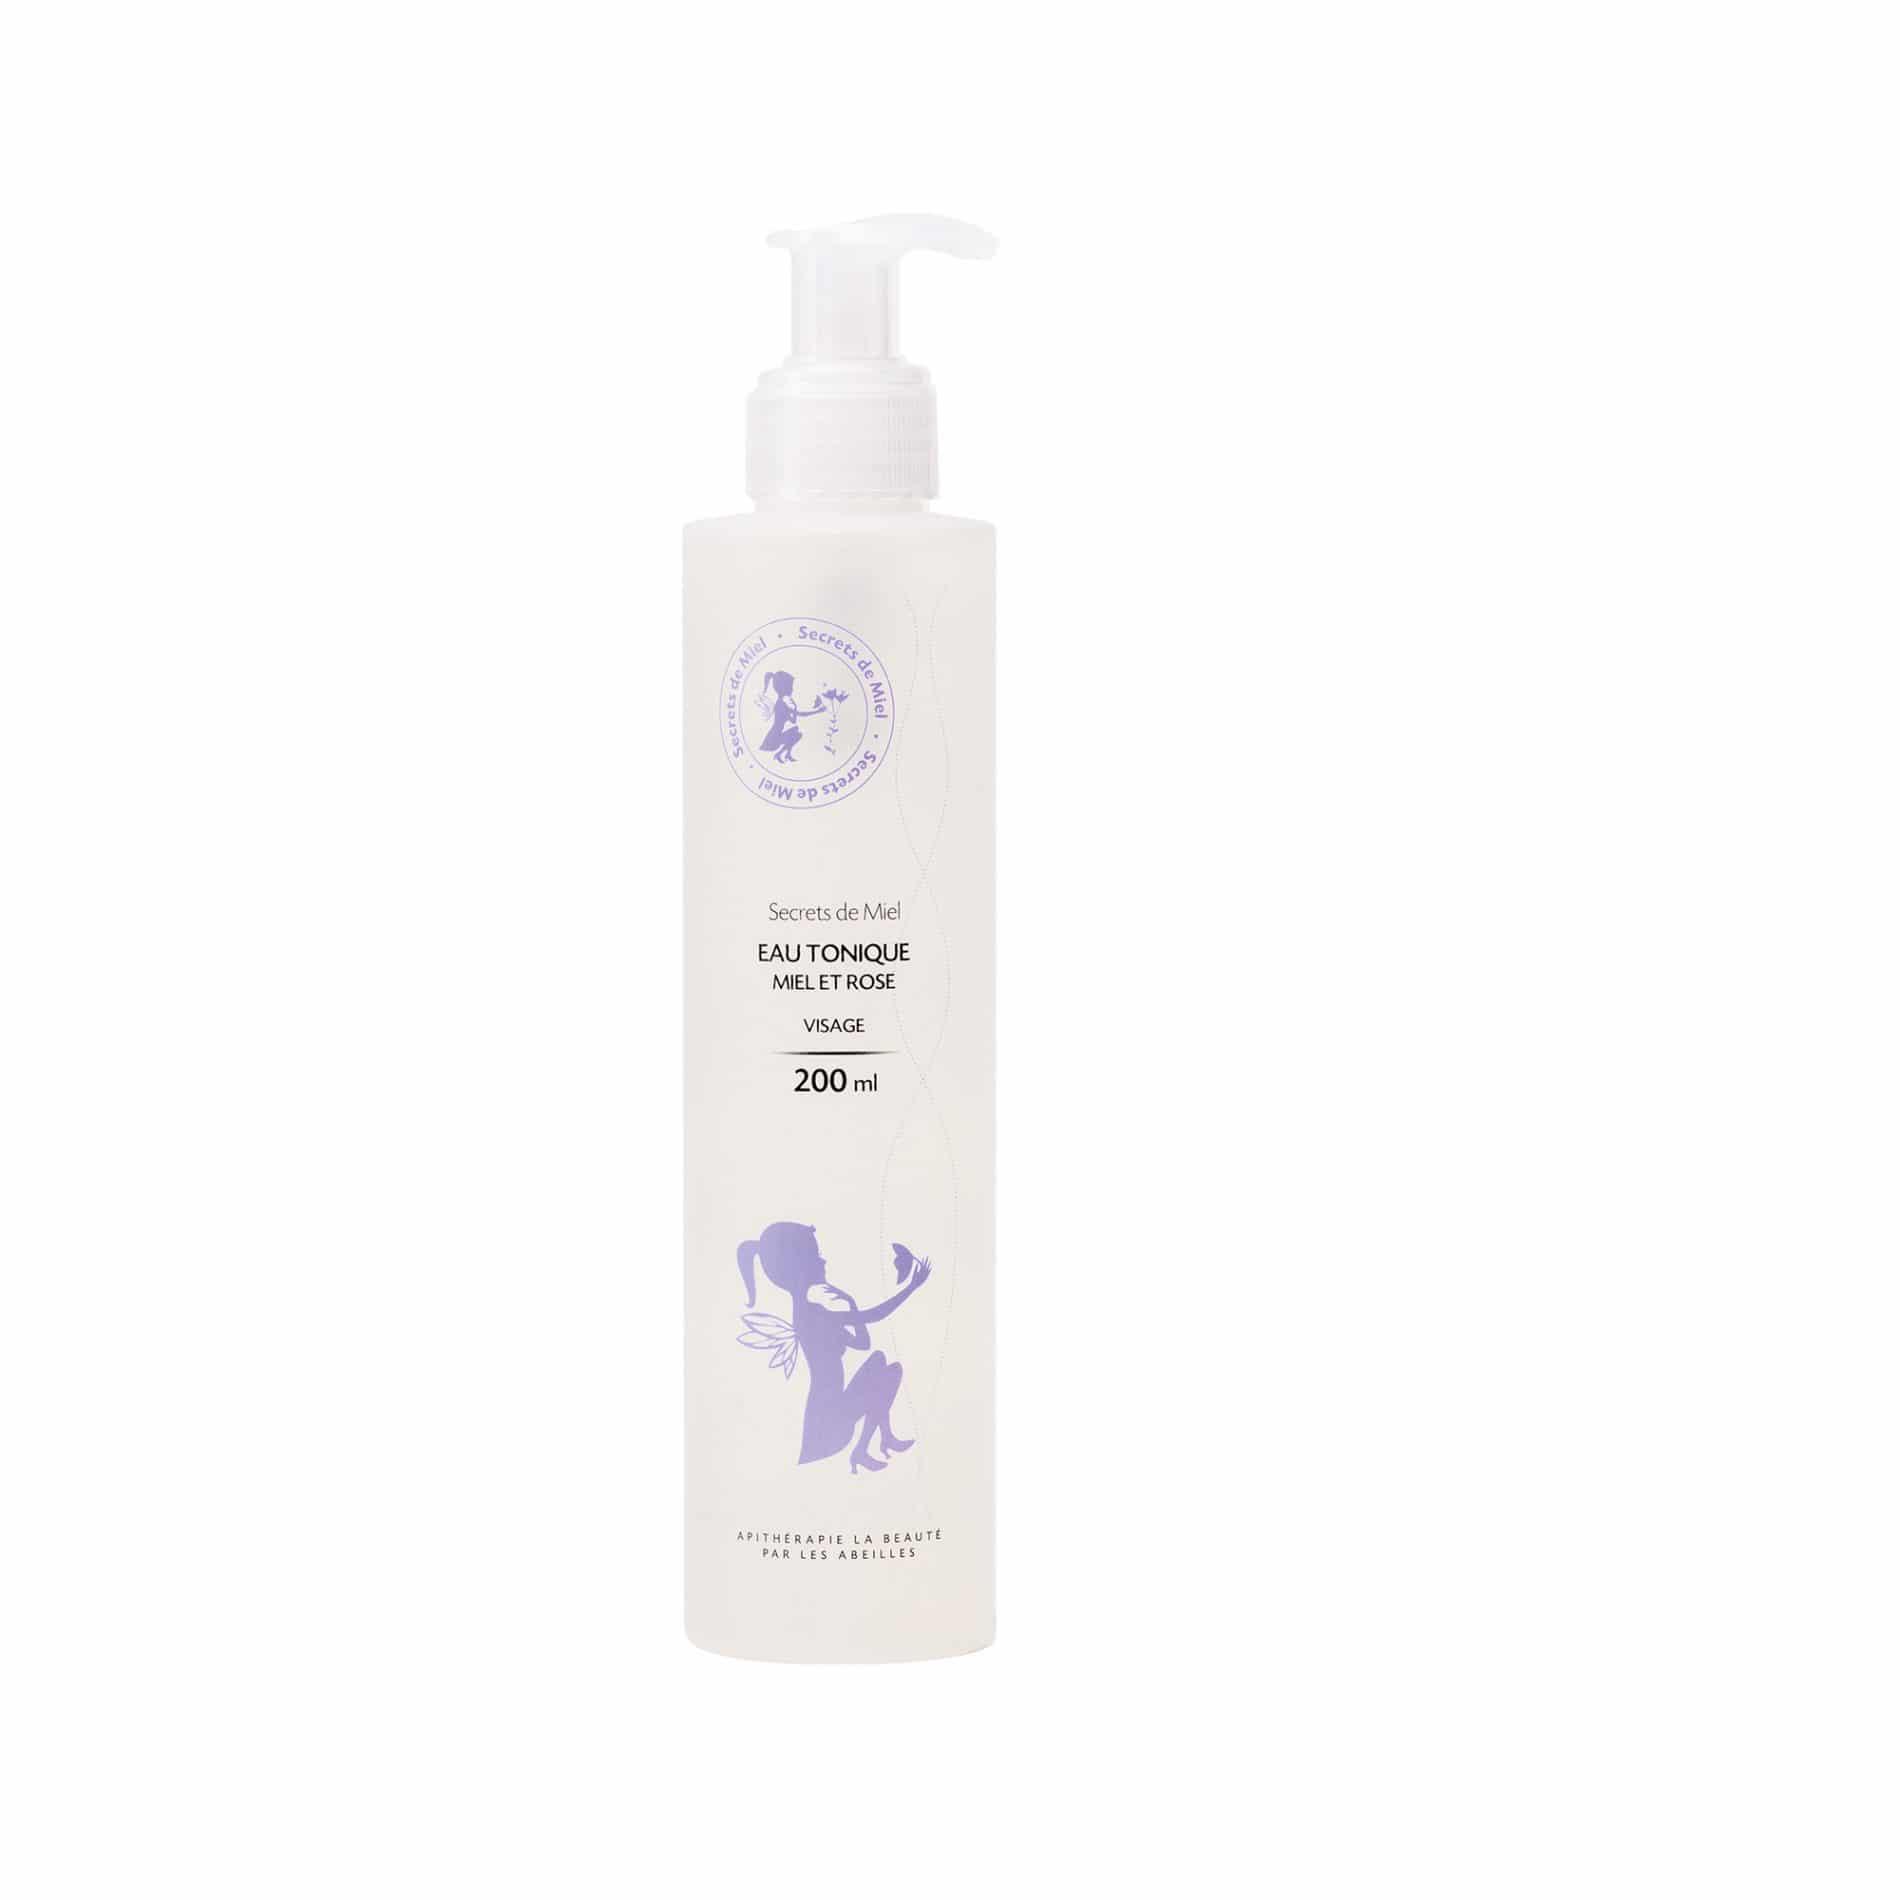 Eau tonique - Miel - Rose - Bon pour la peau - Nettoie le visage - Produit naturel - Secrets de Miel